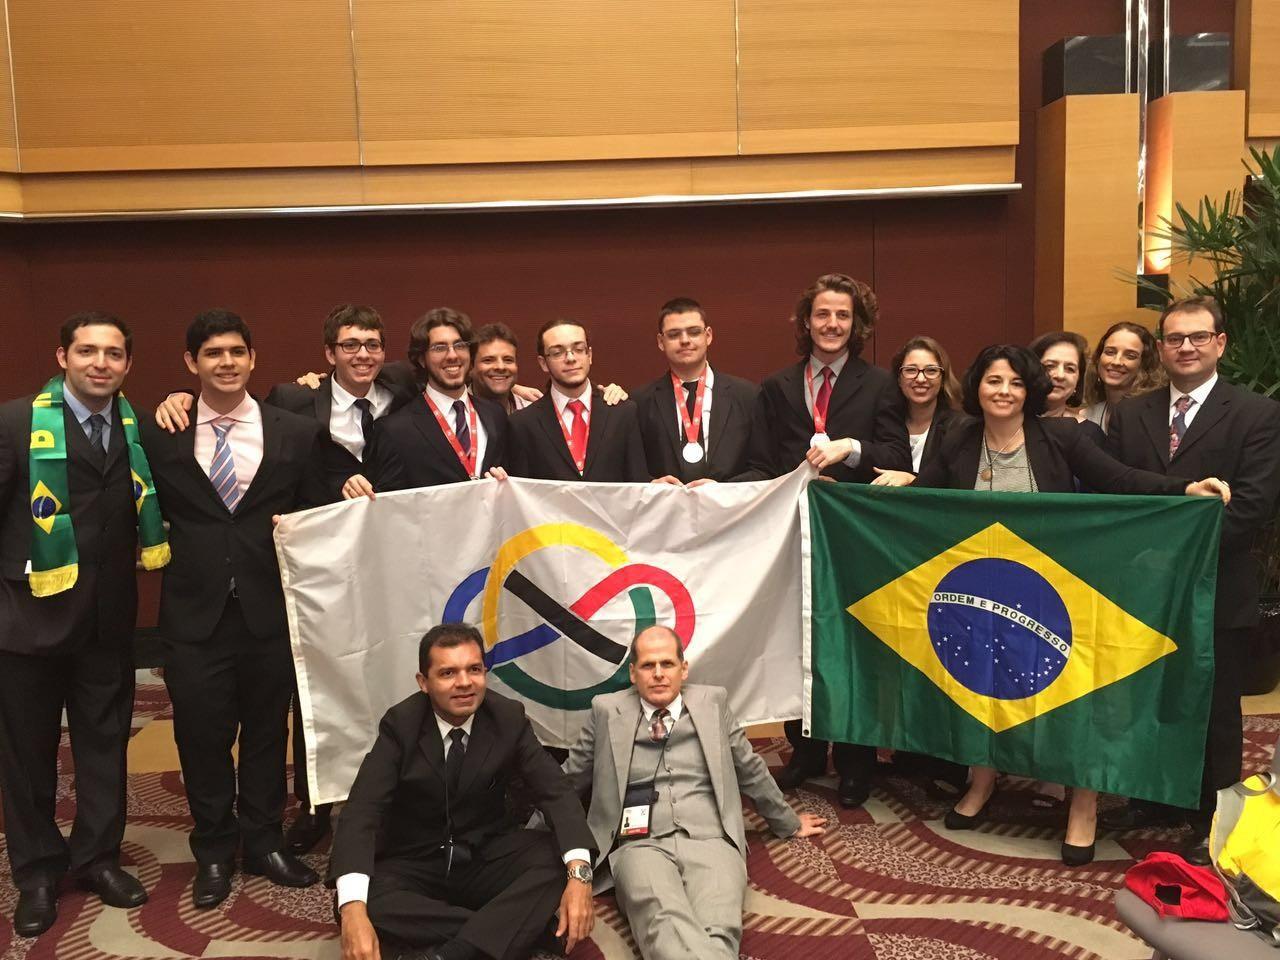 Equipe no evento (Foto: Divulgação)